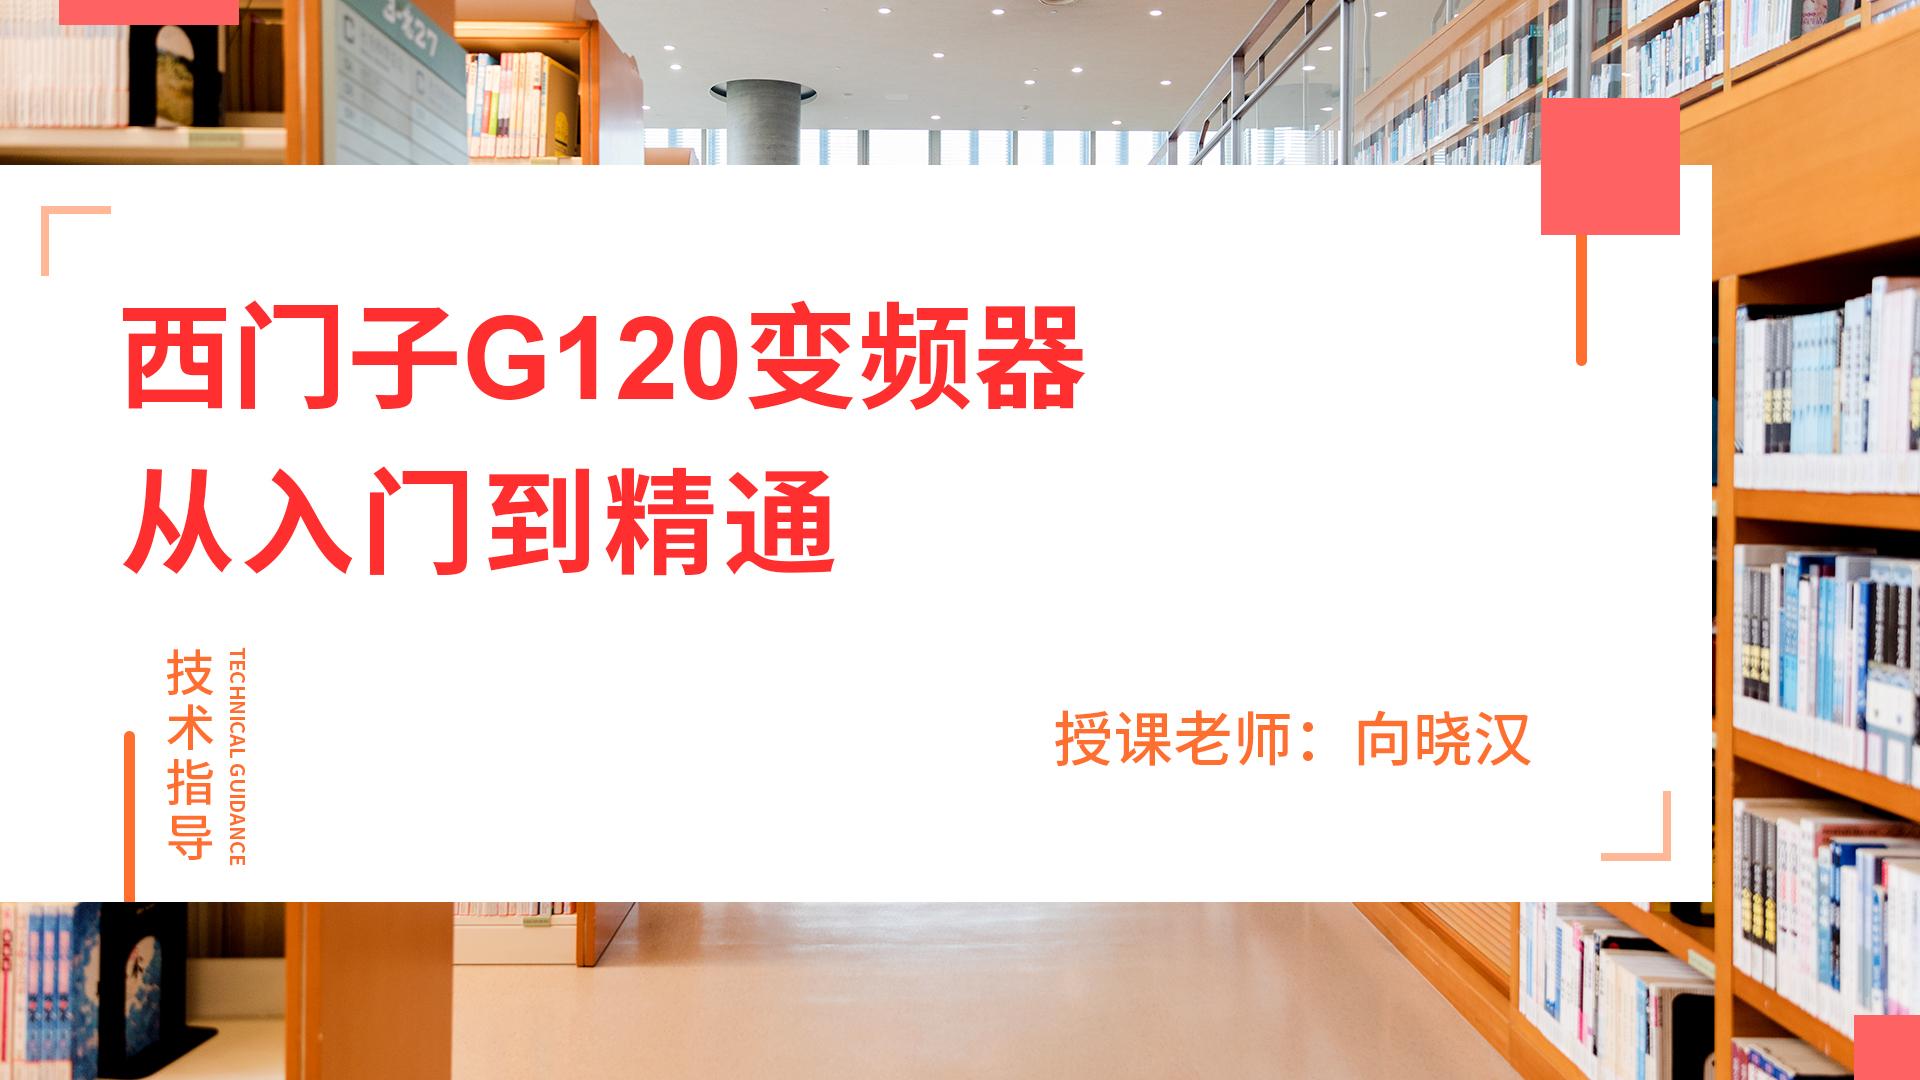 西门子G120变频器从入门到精通